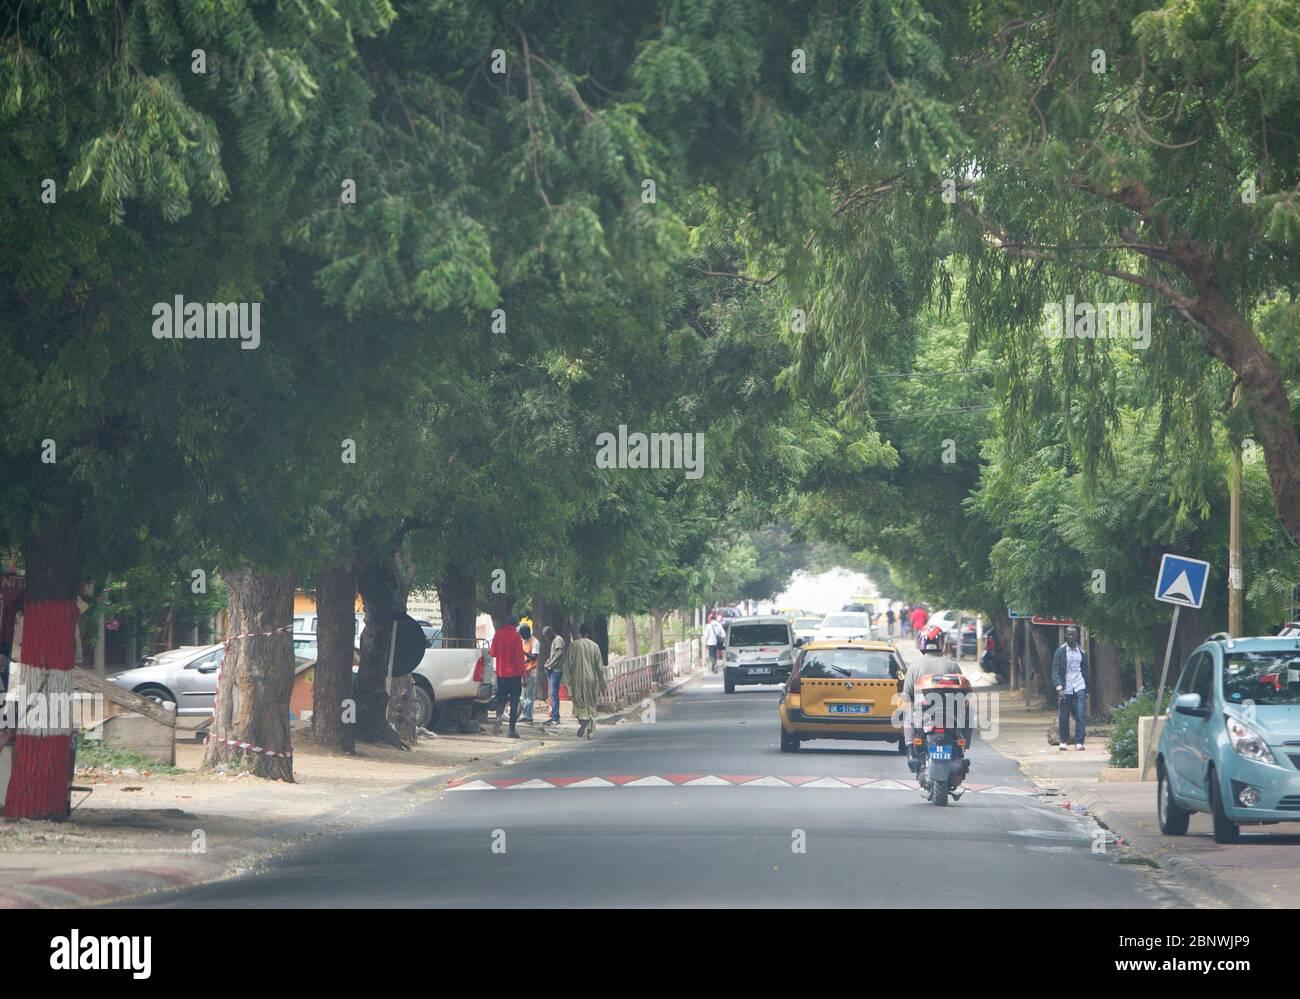 Vie quotidienne, scène de rue, Dakar, Sénégal, Afrique de l'Ouest. Banque D'Images